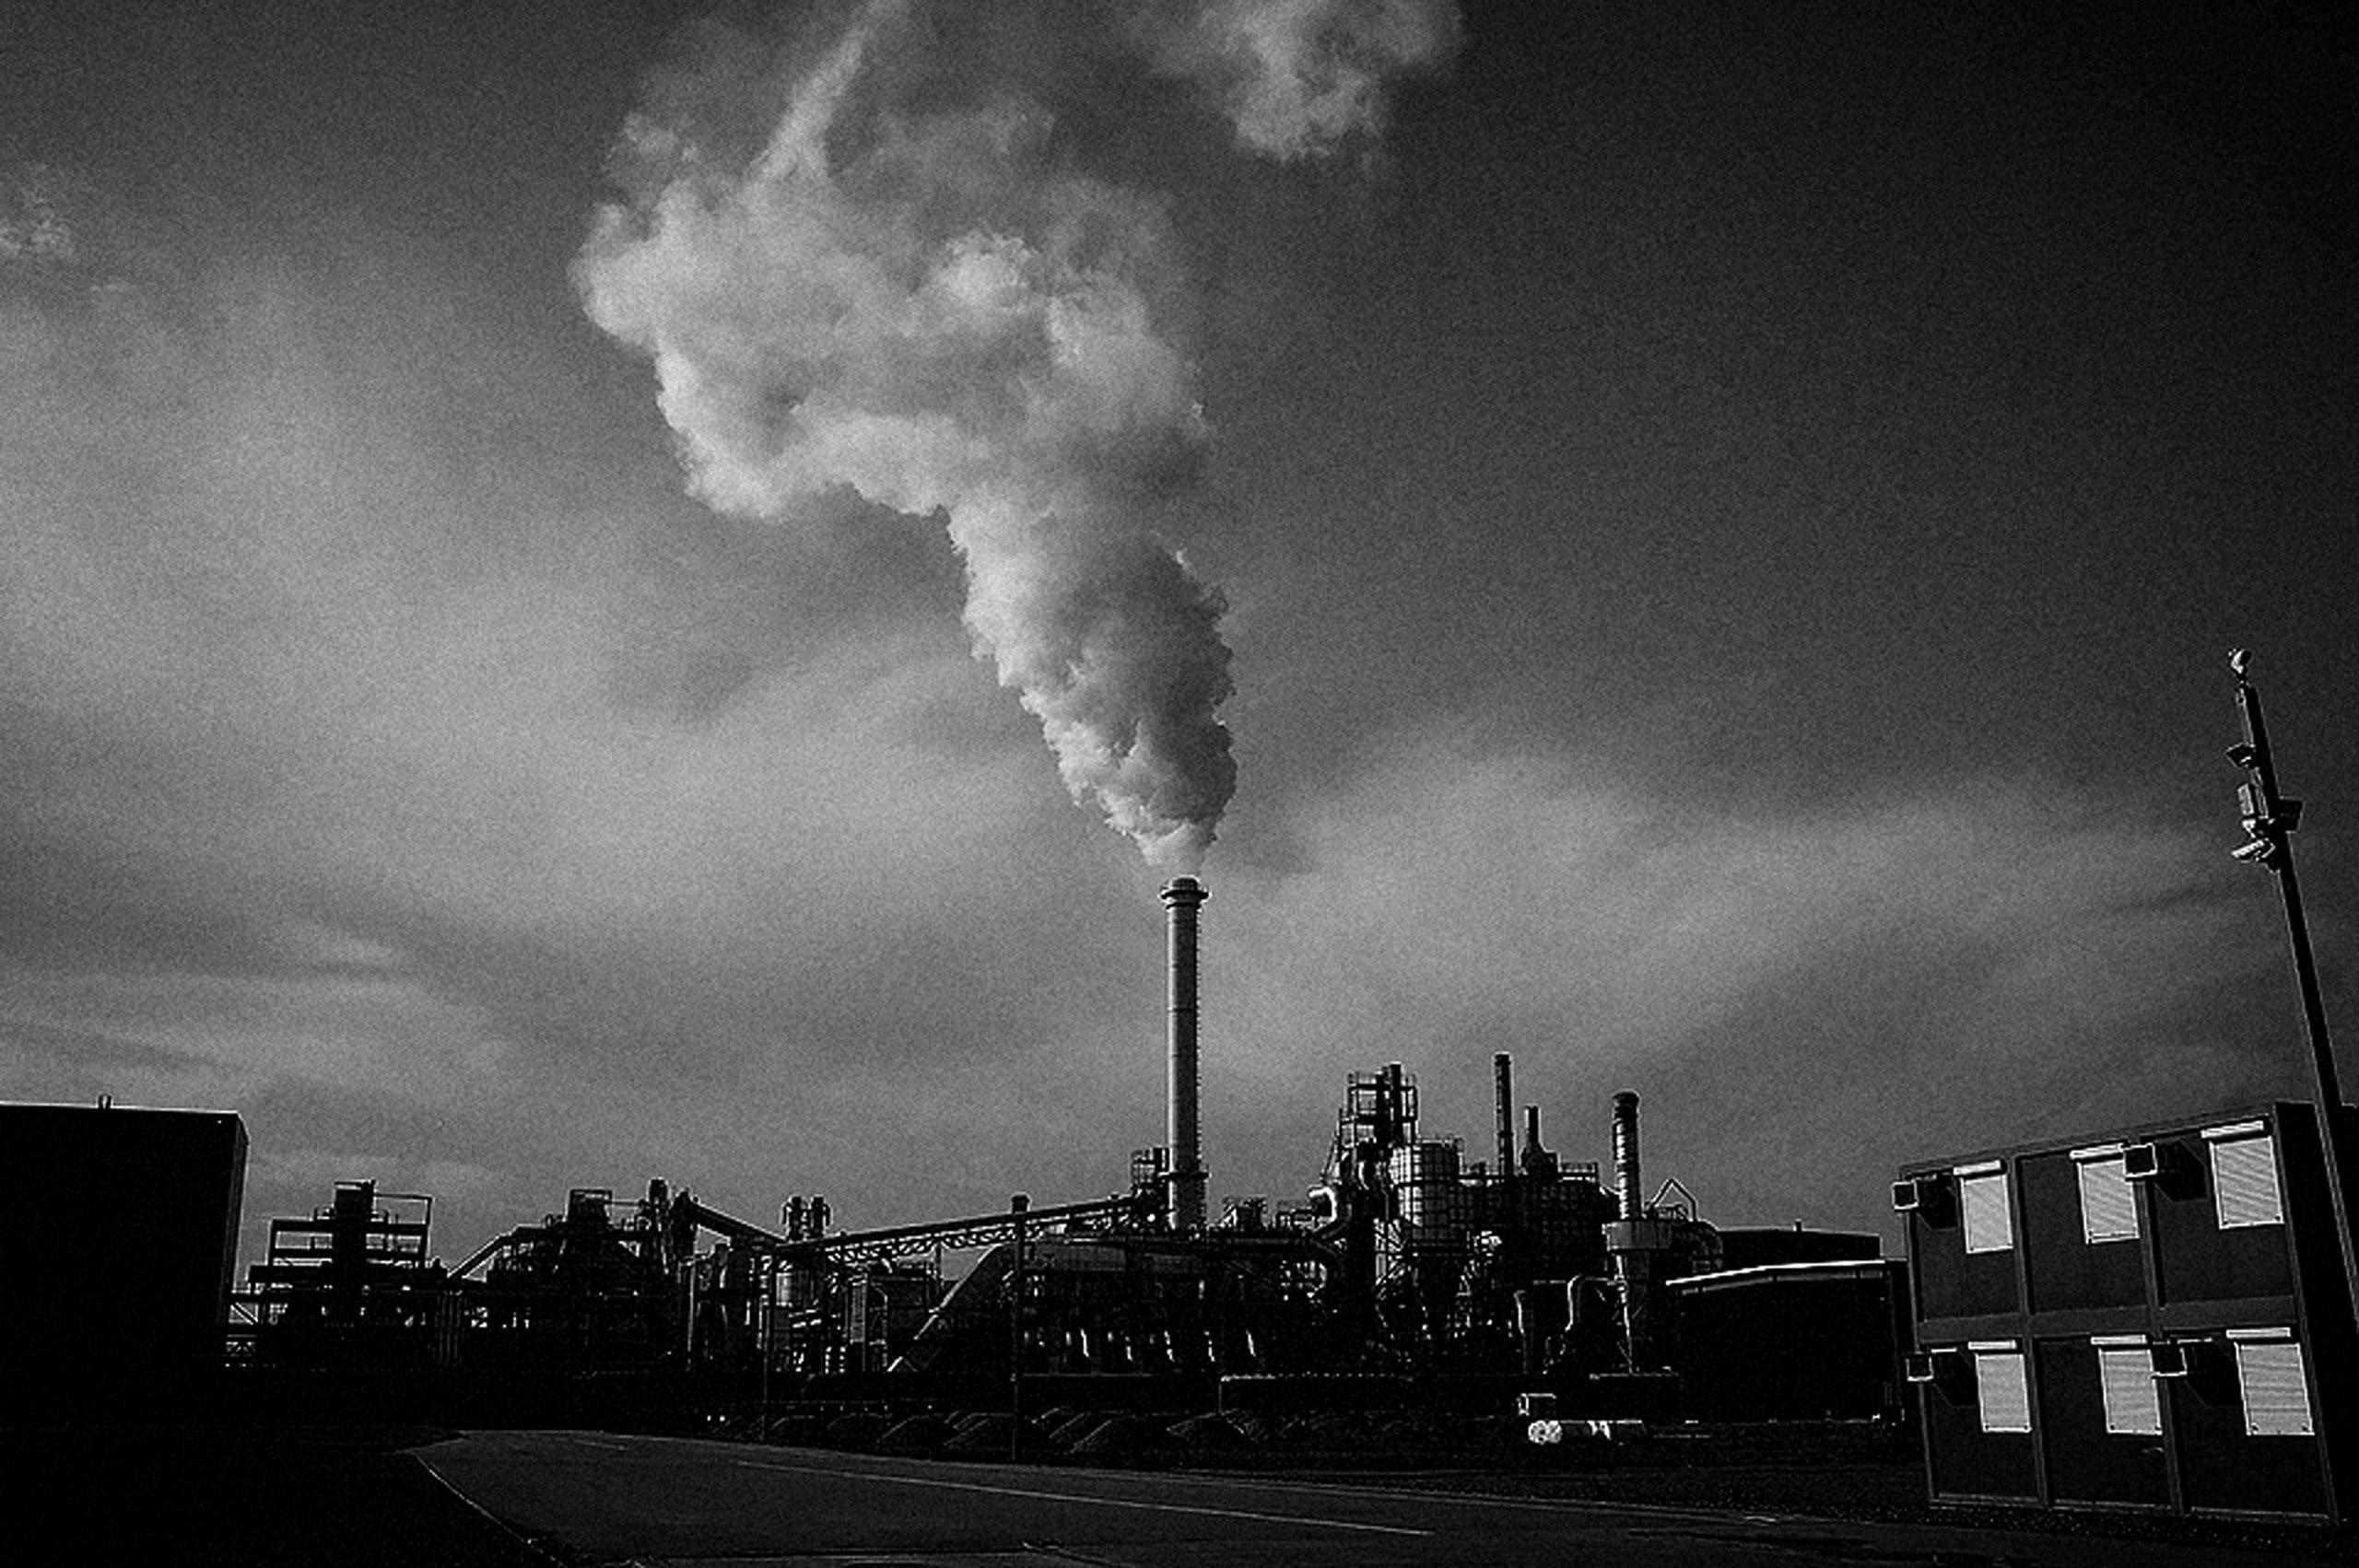 Магілёўскі чыноўнік пра барацьбу супраць шкодных заводаў: «Простыя людзі тармозяць тэхнічны прагрэс»